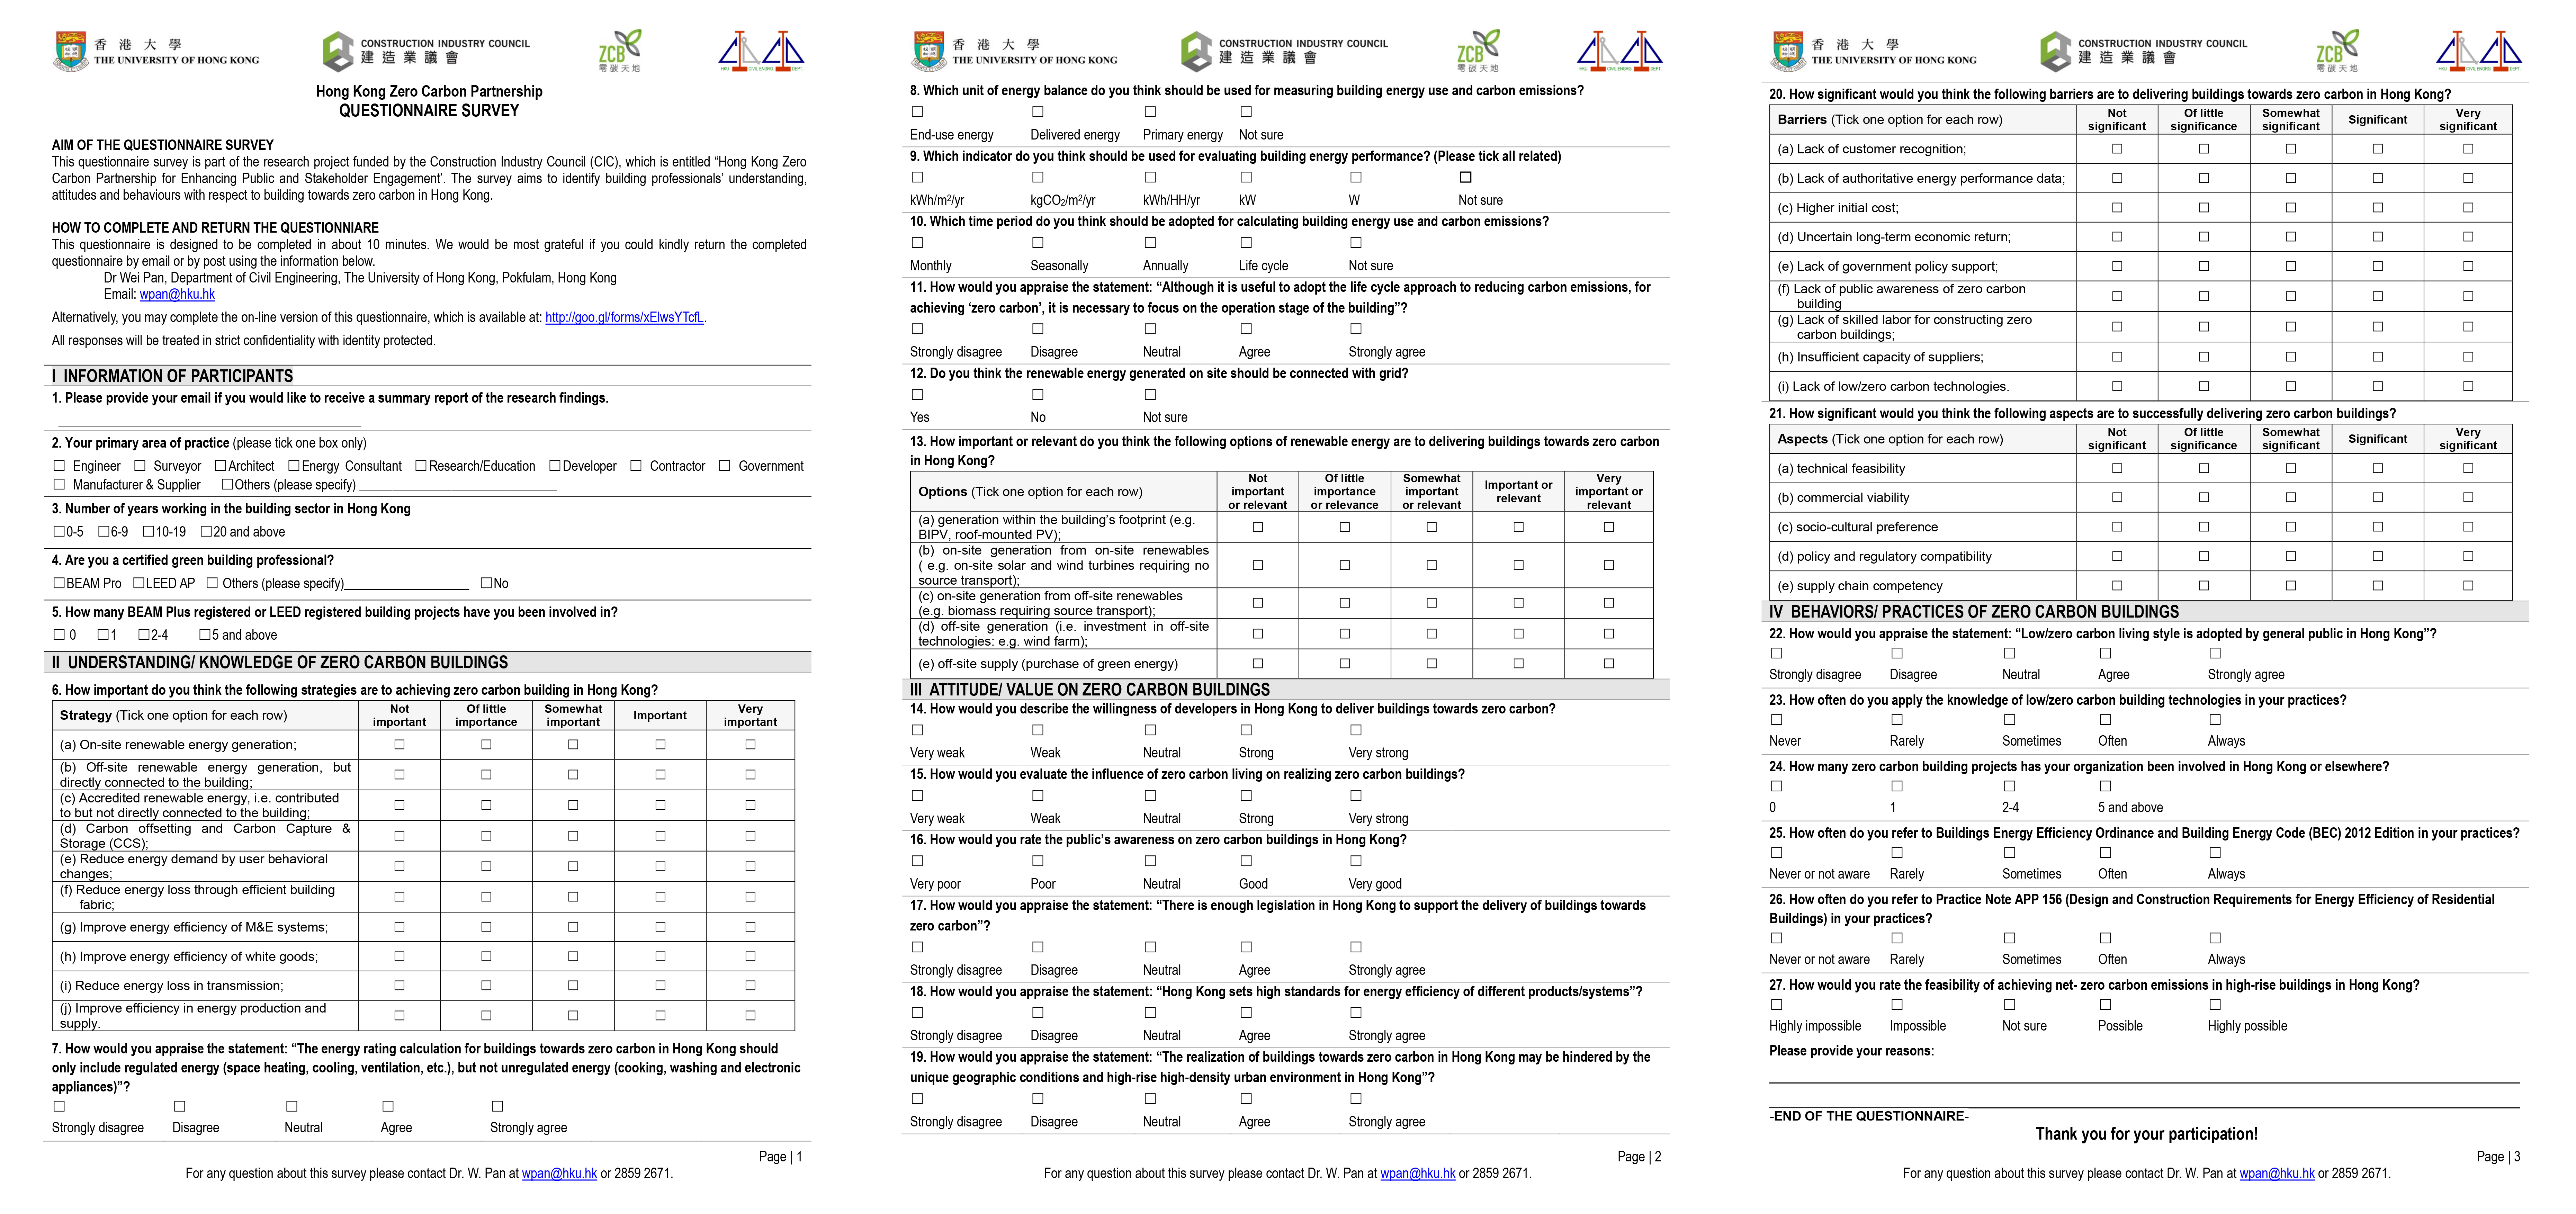 HKZCP Questionnaire Survey